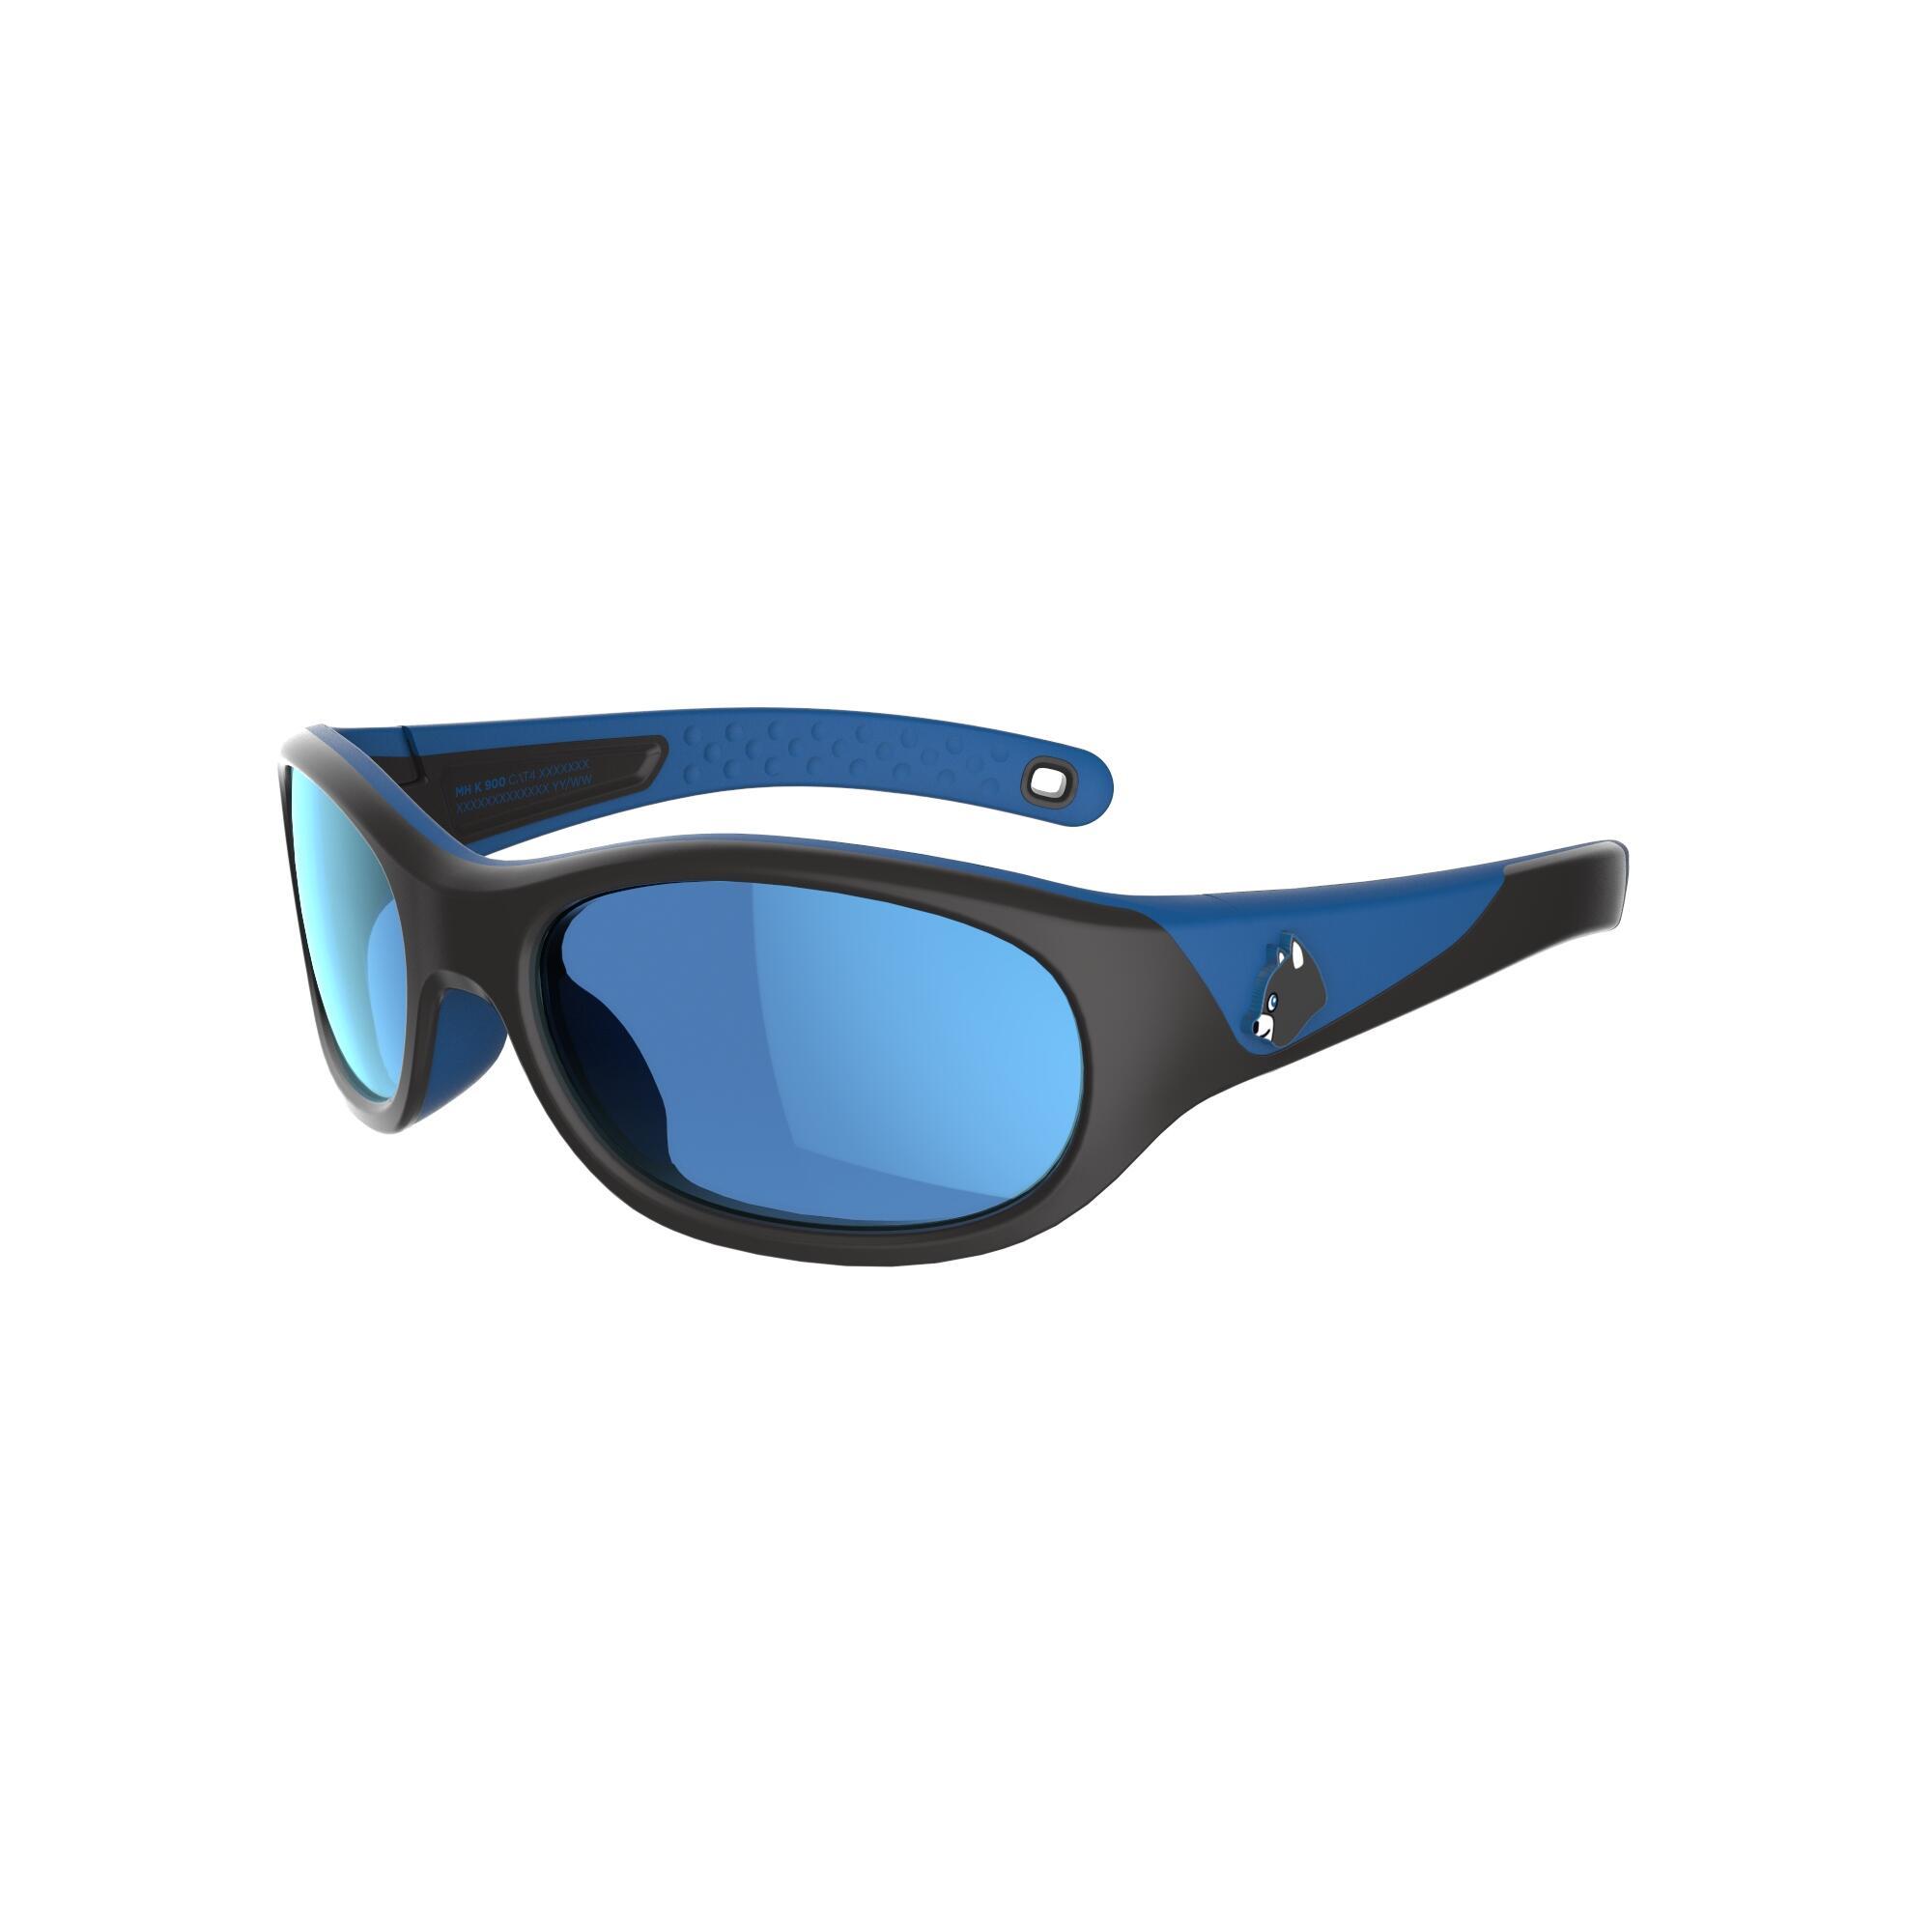 04a4d8c5f80cf3 Quechua wintersport zonnebril zonnebril trekking voor kinderen 5 6 jaar mh  k140 blauw zwart categorie